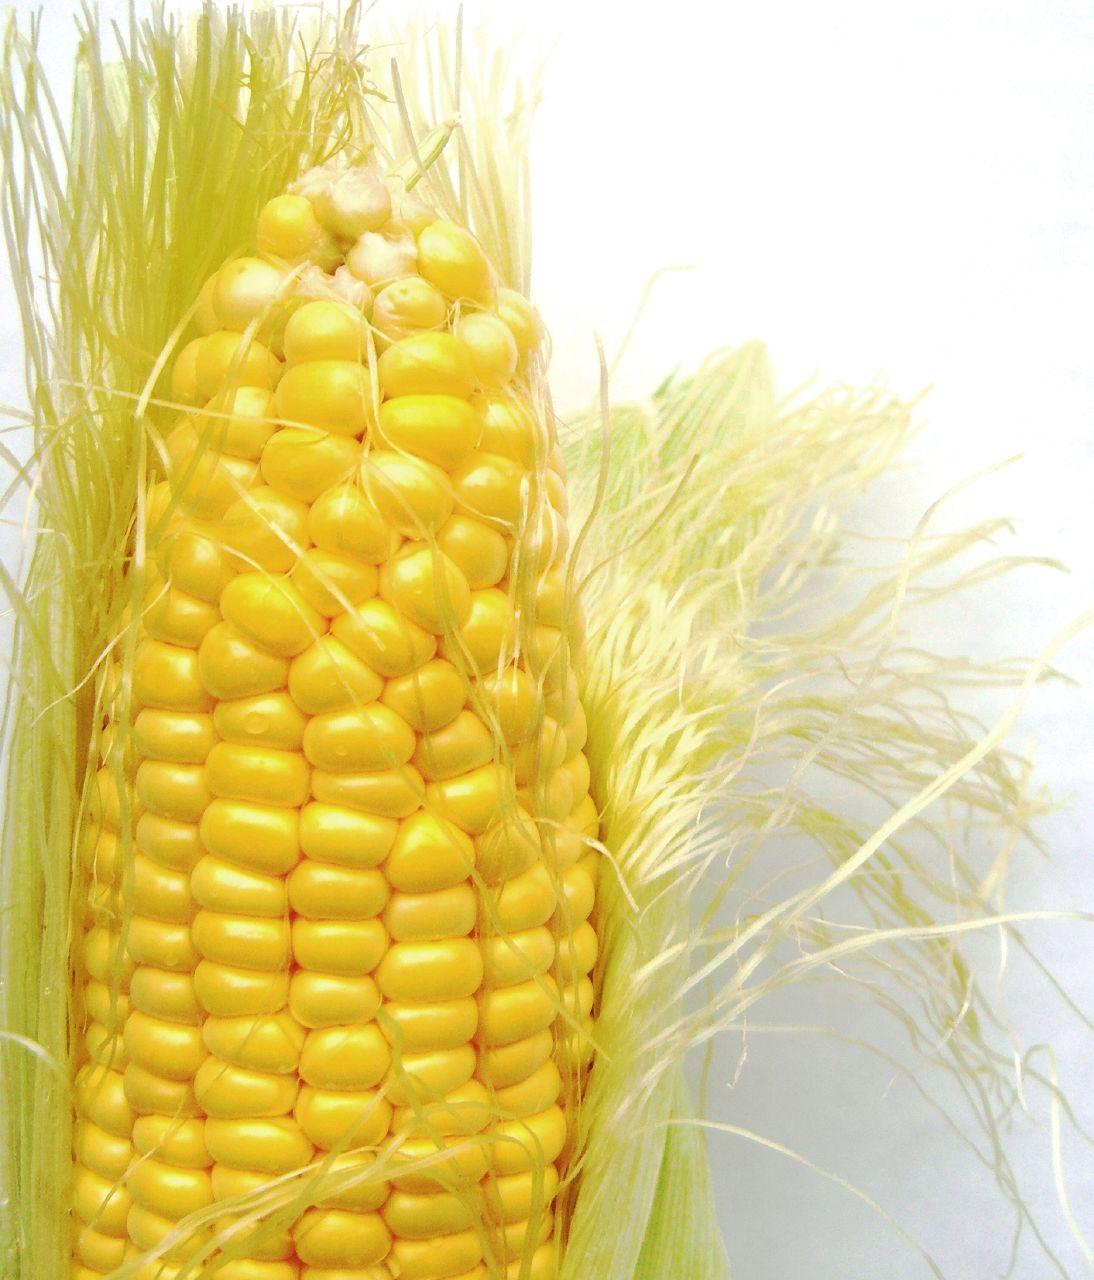 File:Corn on the cob.jpg - Wikipedia